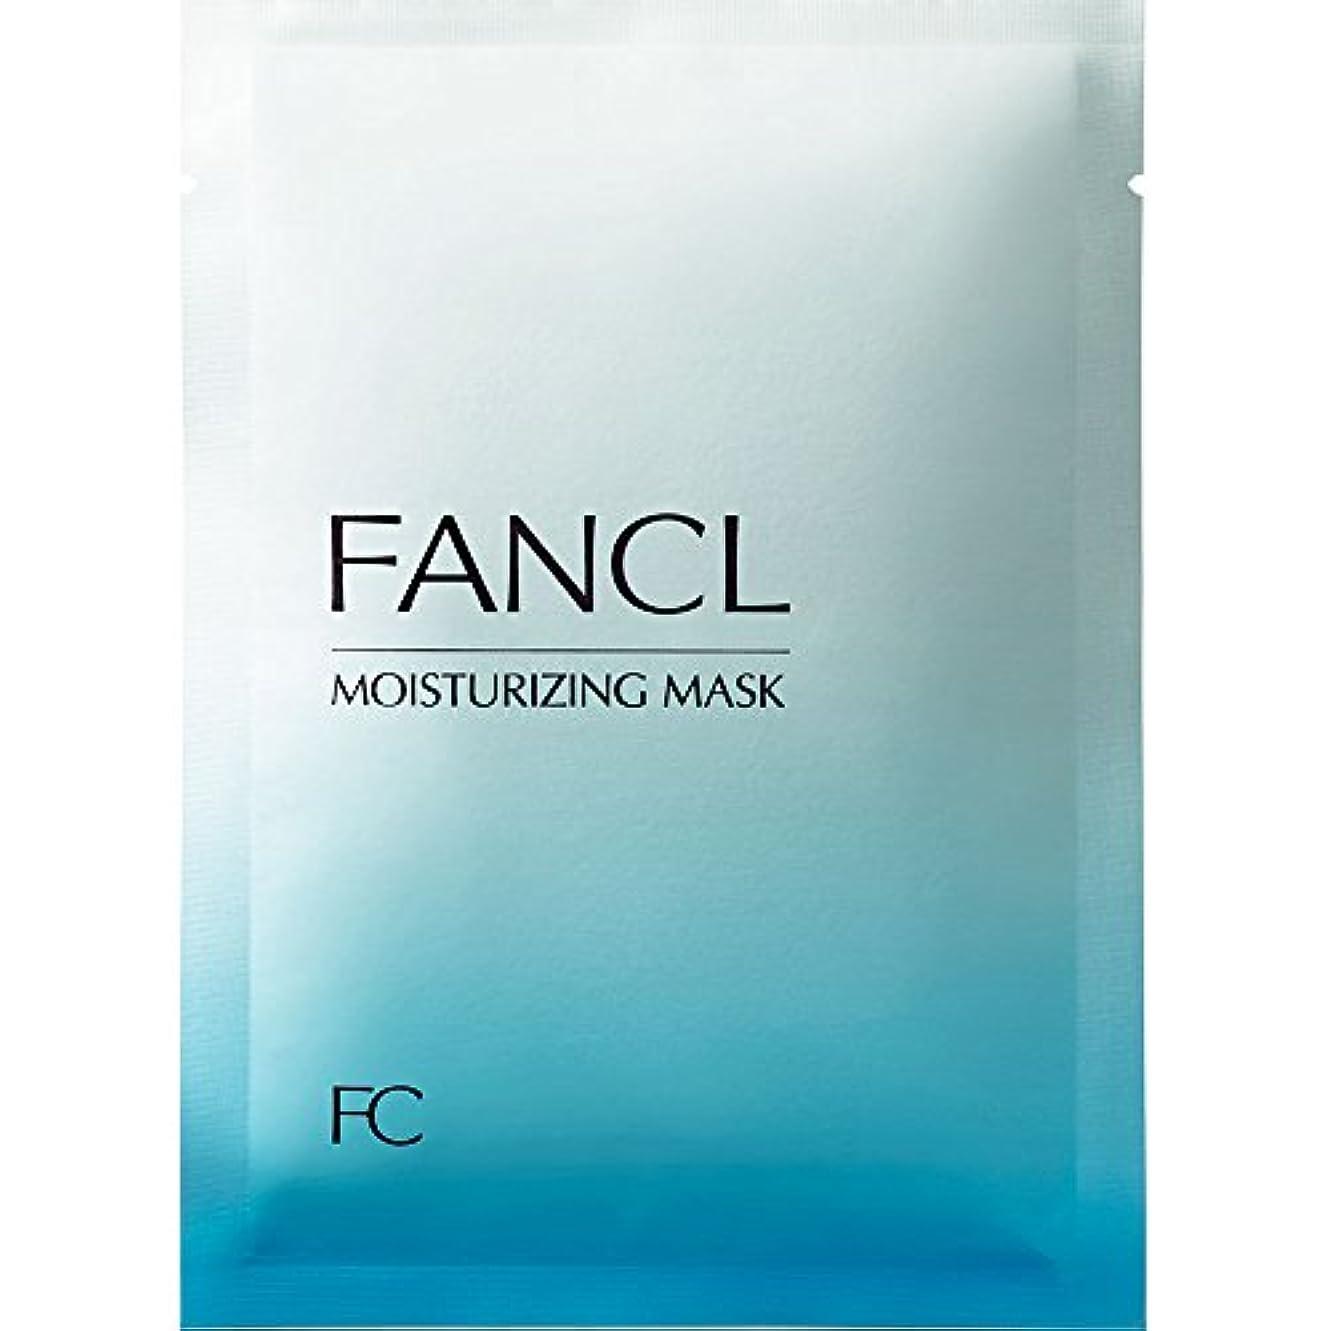 予測子クモ特派員ファンケル(FANCL) モイスチャライジング マスク 18mL×6枚